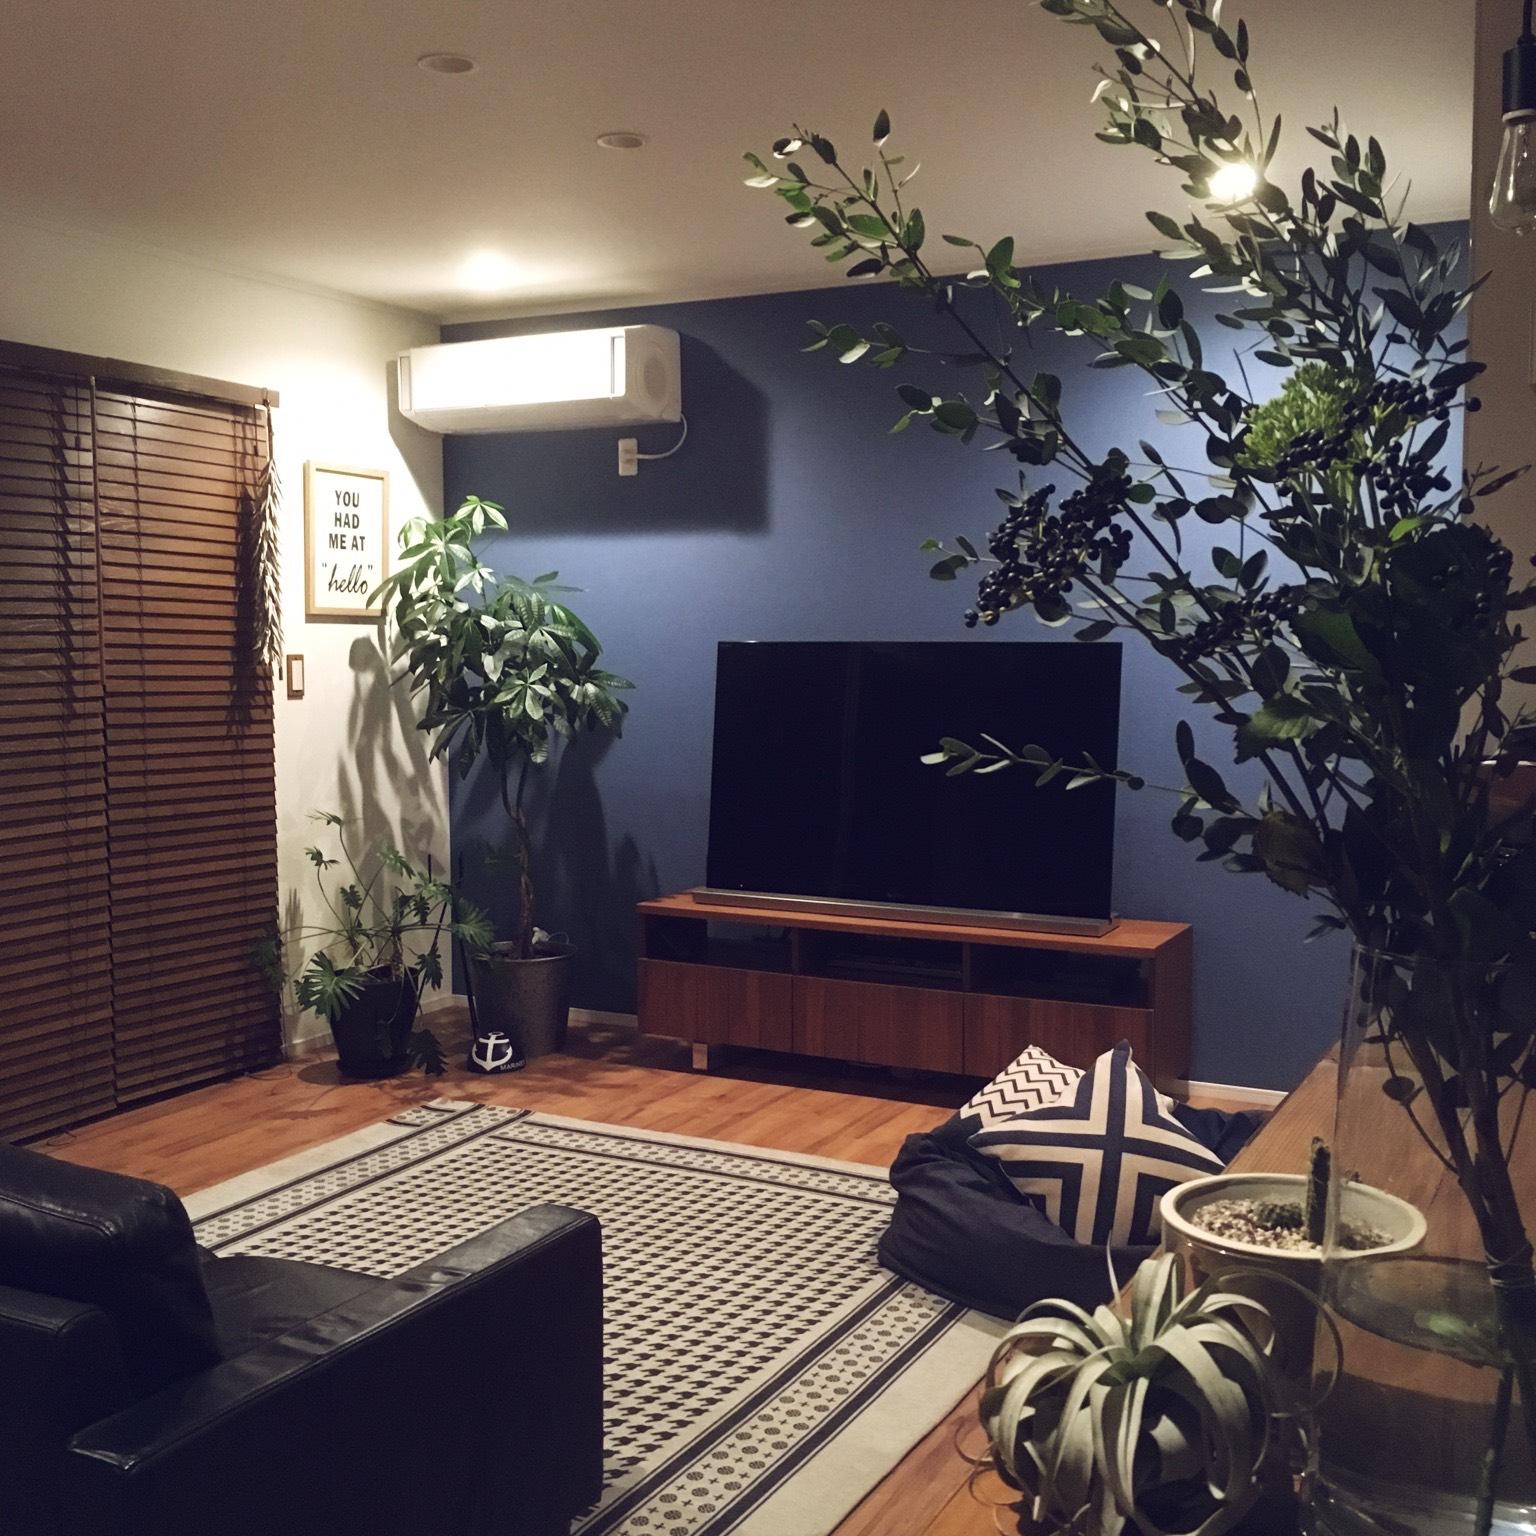 お部屋の雰囲気と観葉植物たちがとてもマッチしています。 @hiro.rorororoさん提供